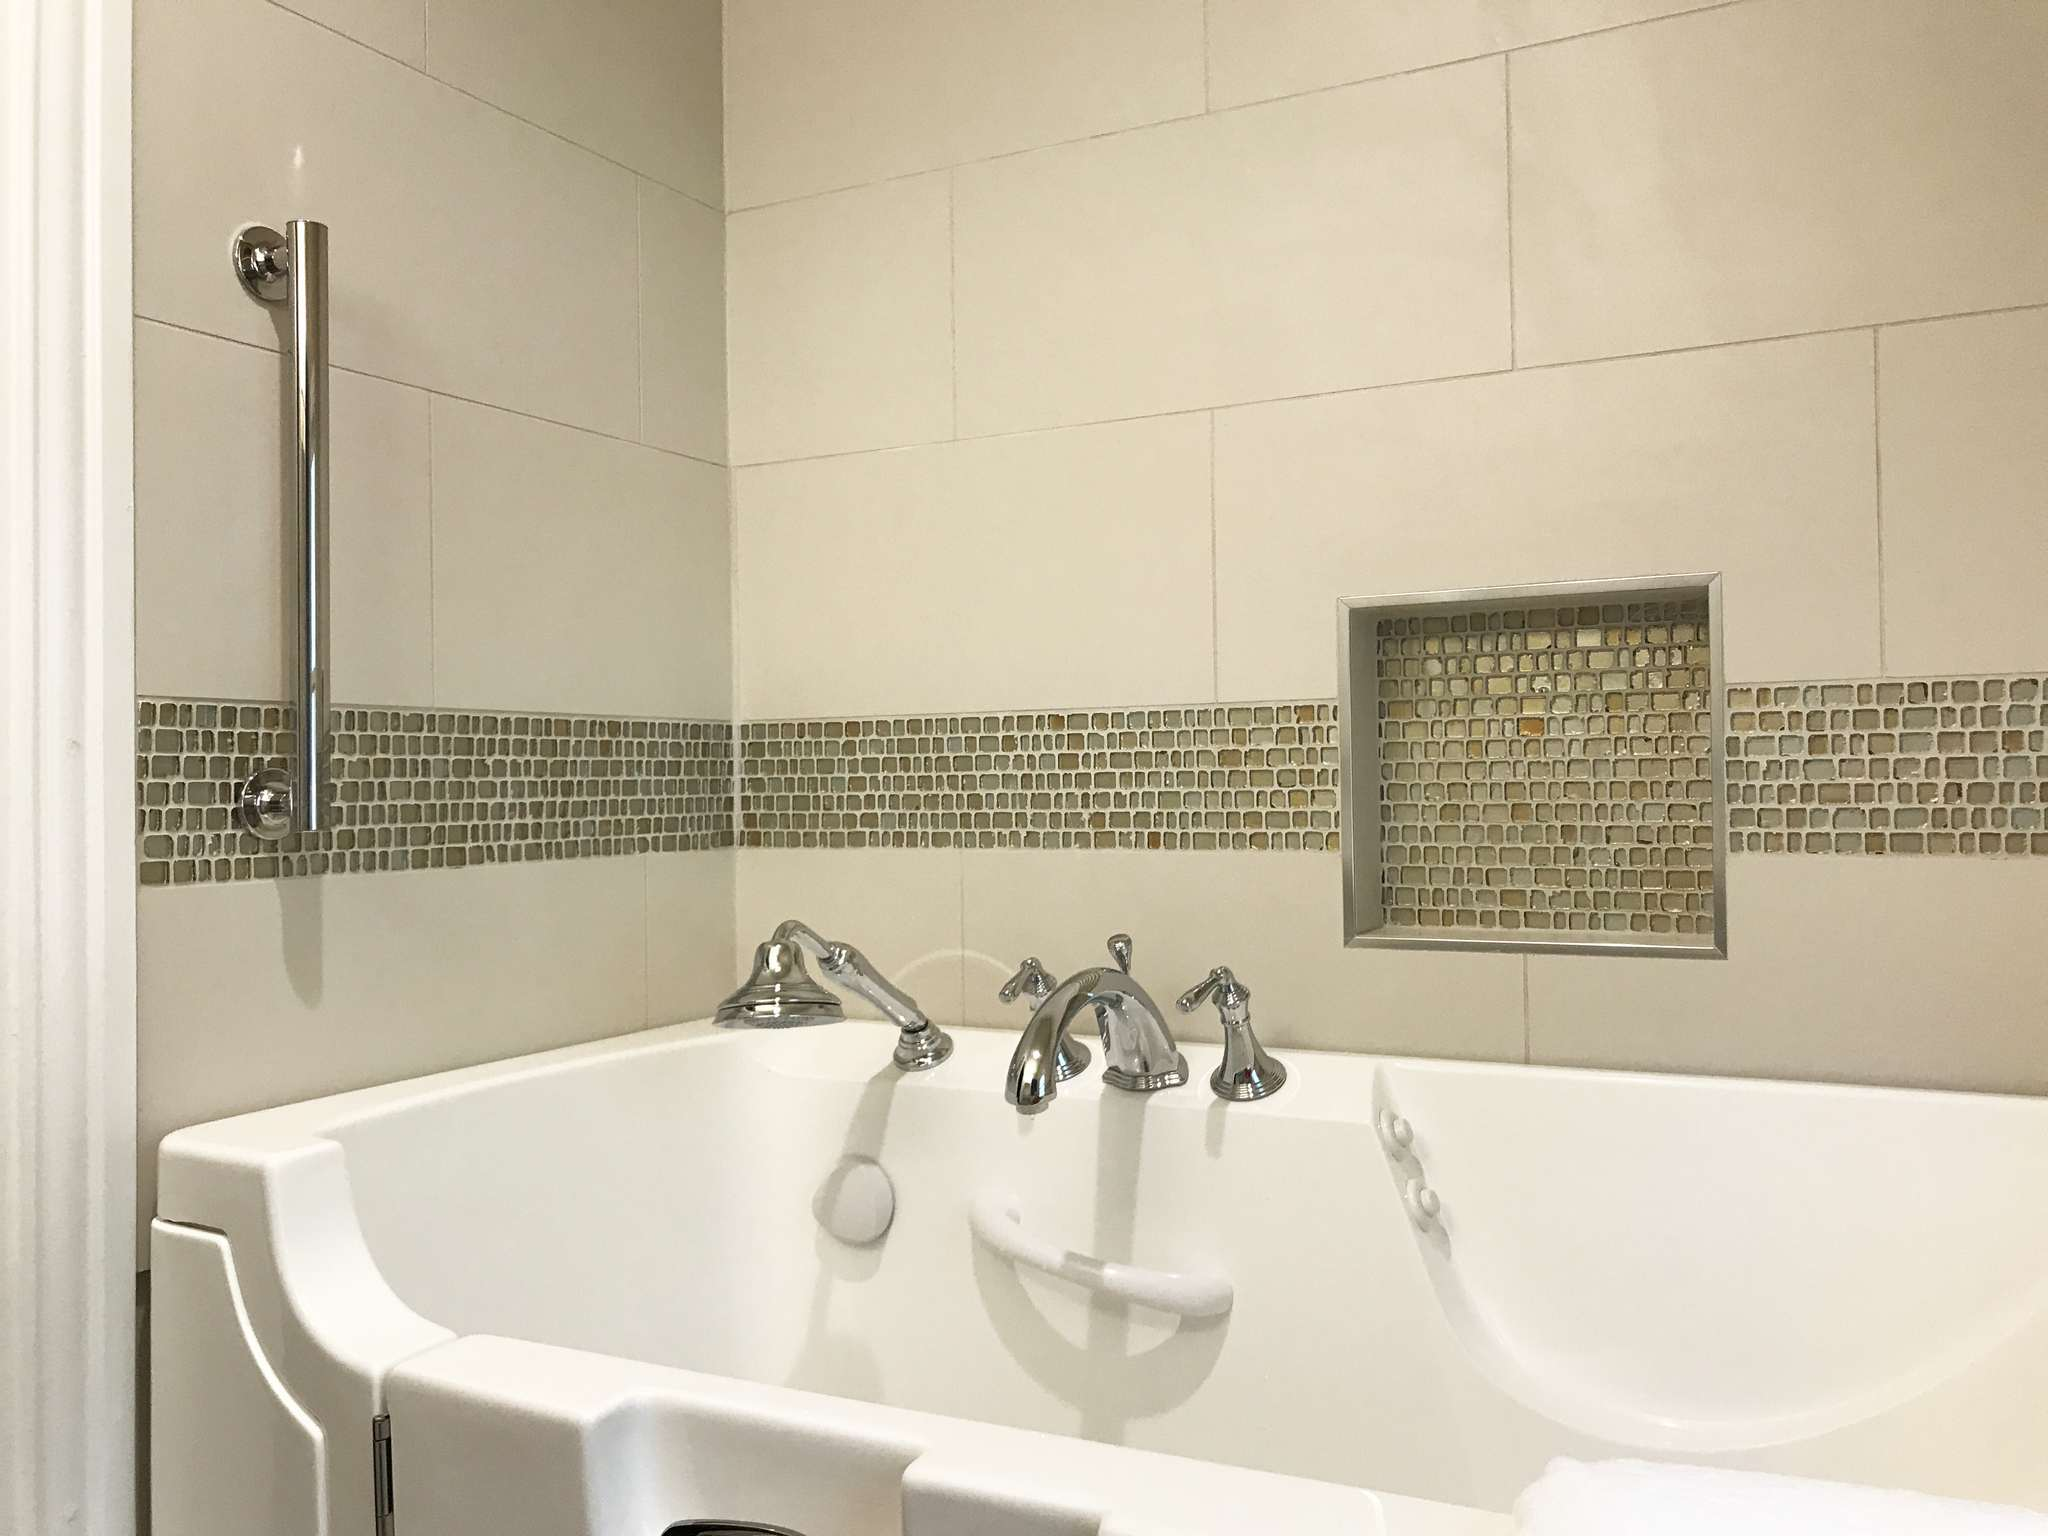 Bathroom Remodel With Walk In Tub Dallas 75219 09